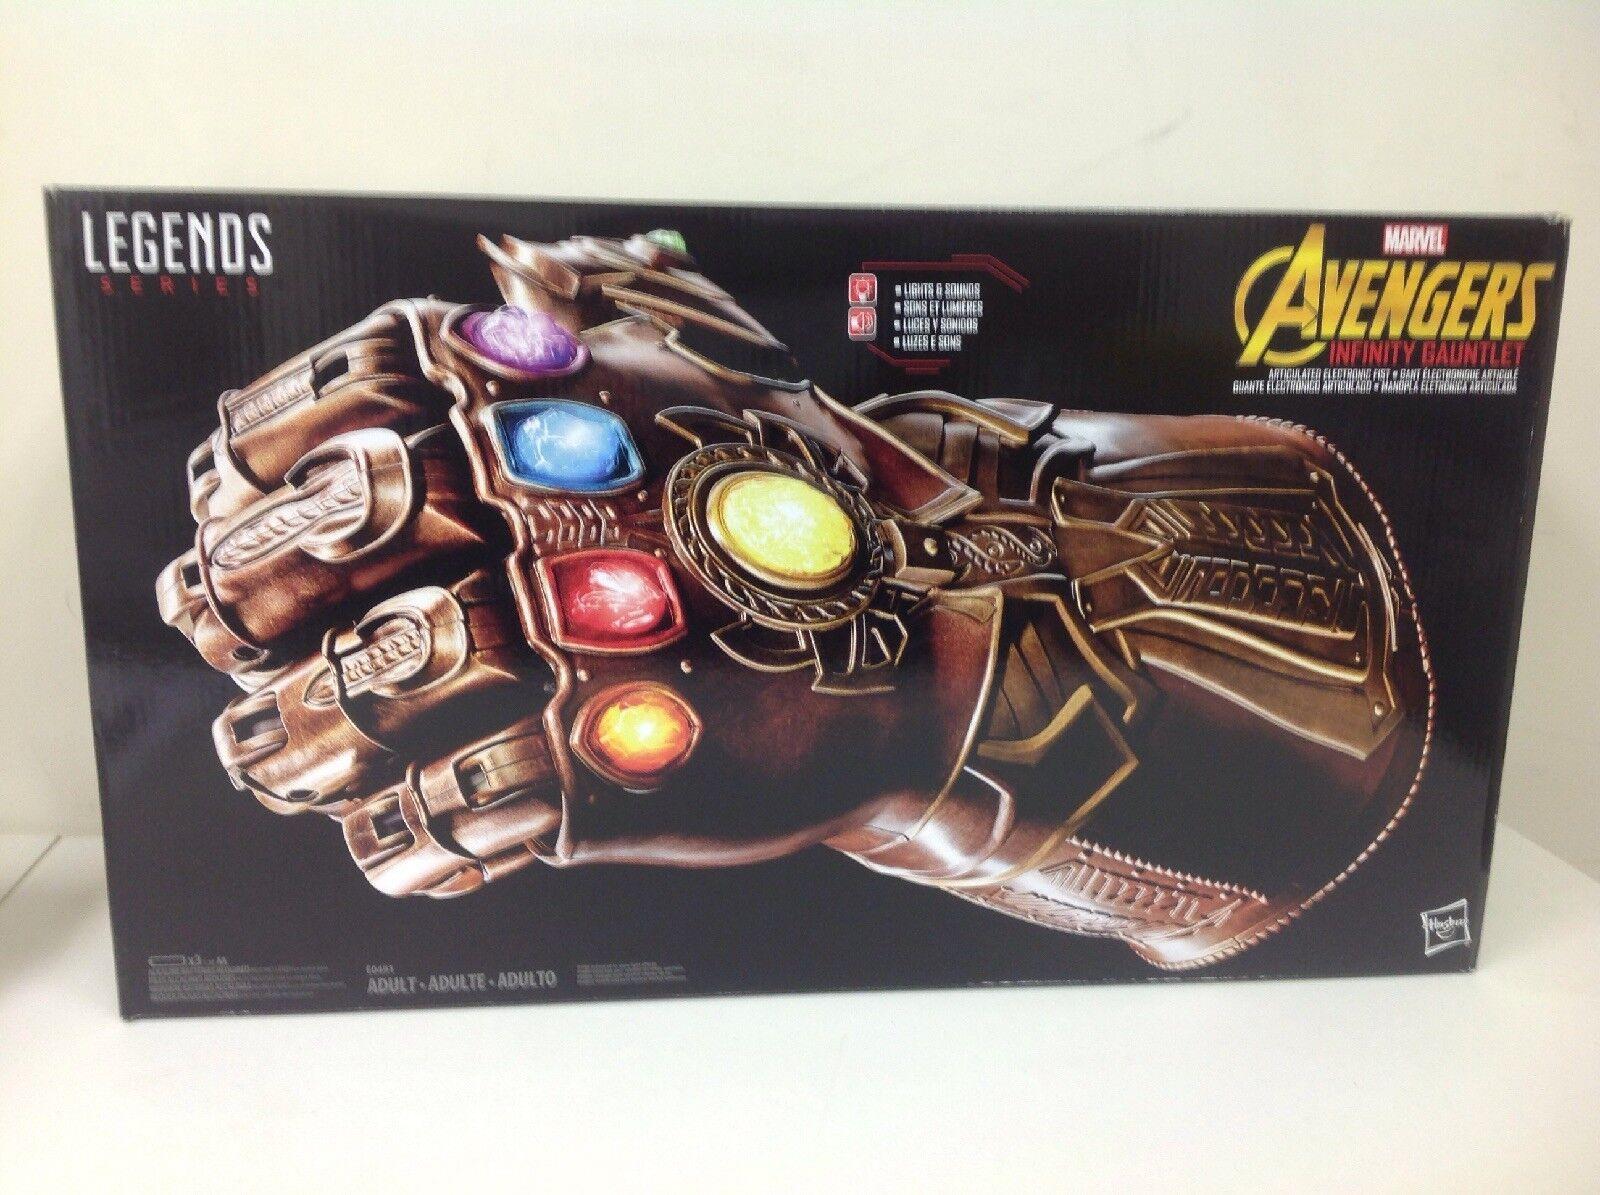 Marvel legends series avengers unendlichkeit spießrutenlauf für elektronische faust artikuliert.